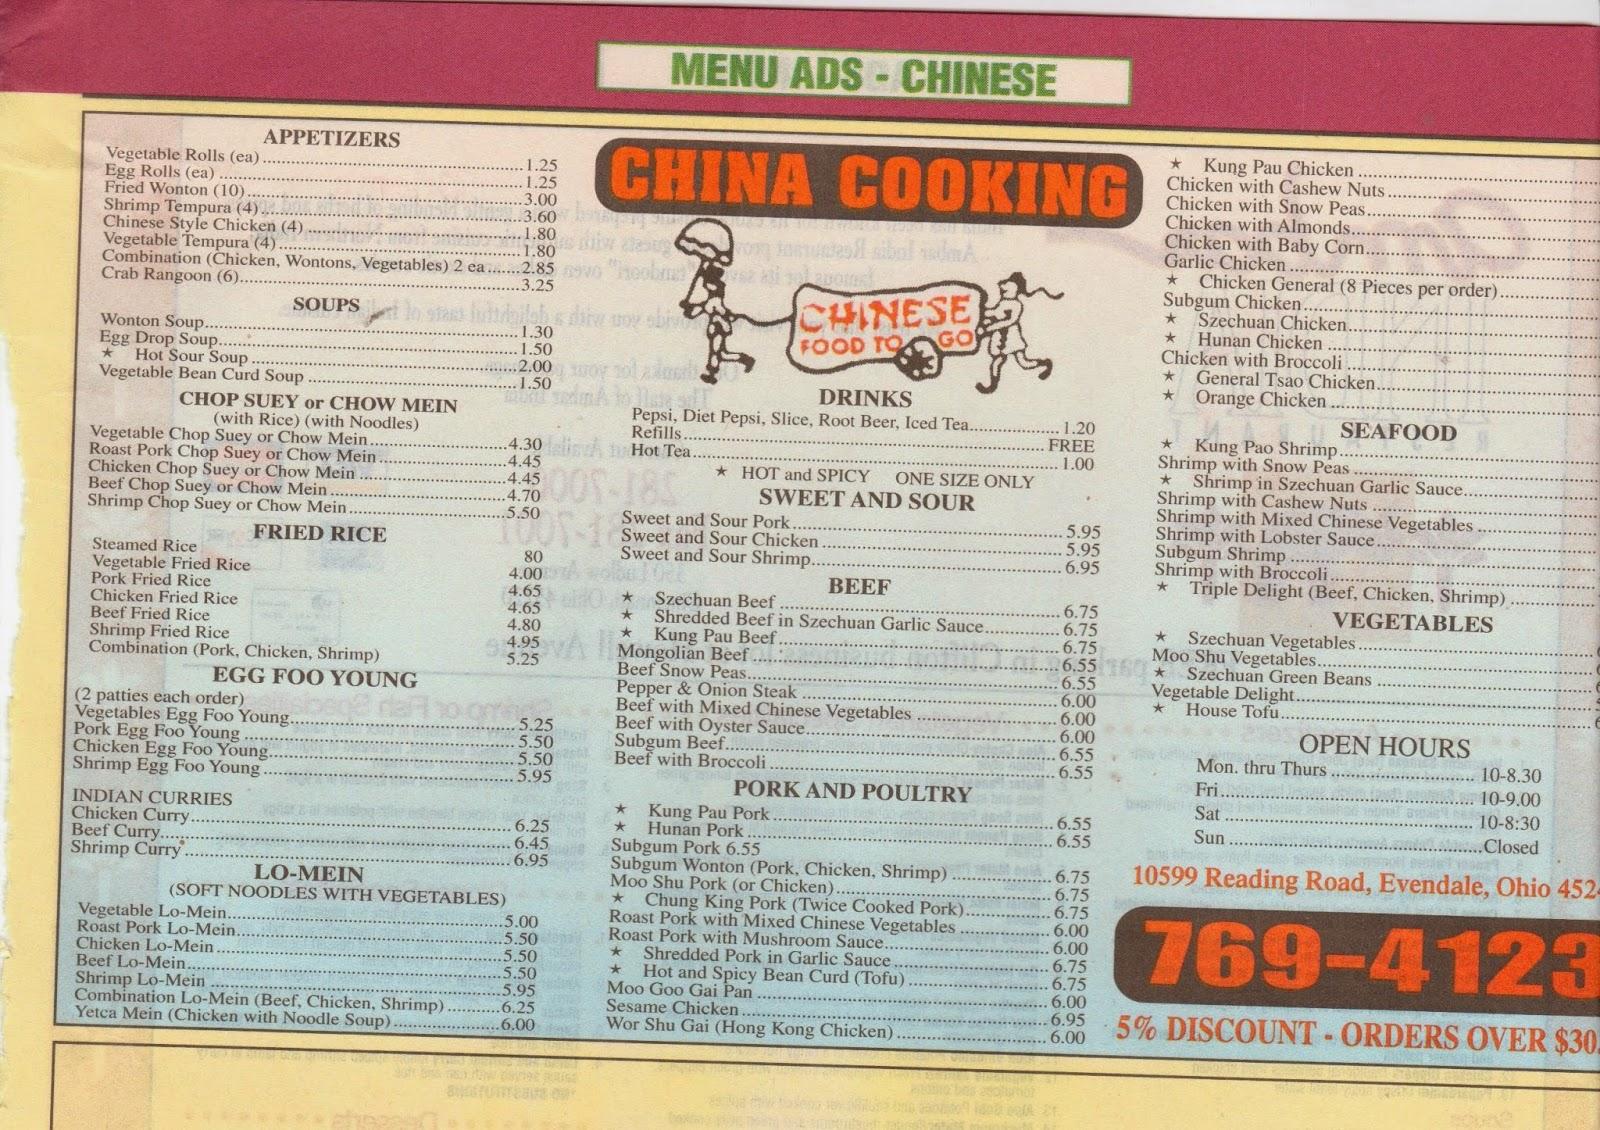 Chungking pork